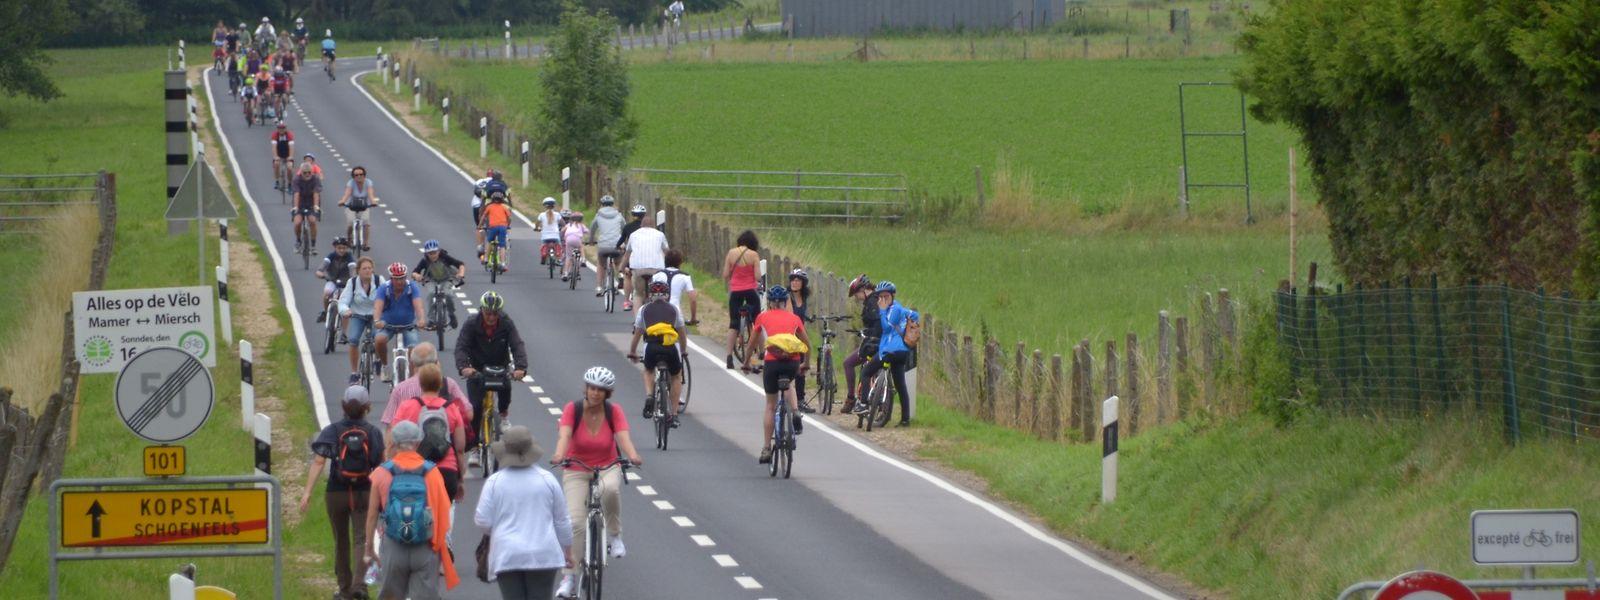 Das Mamertal wird zumindest abschnittsweise dem Radverkehr vorbehalten sein.